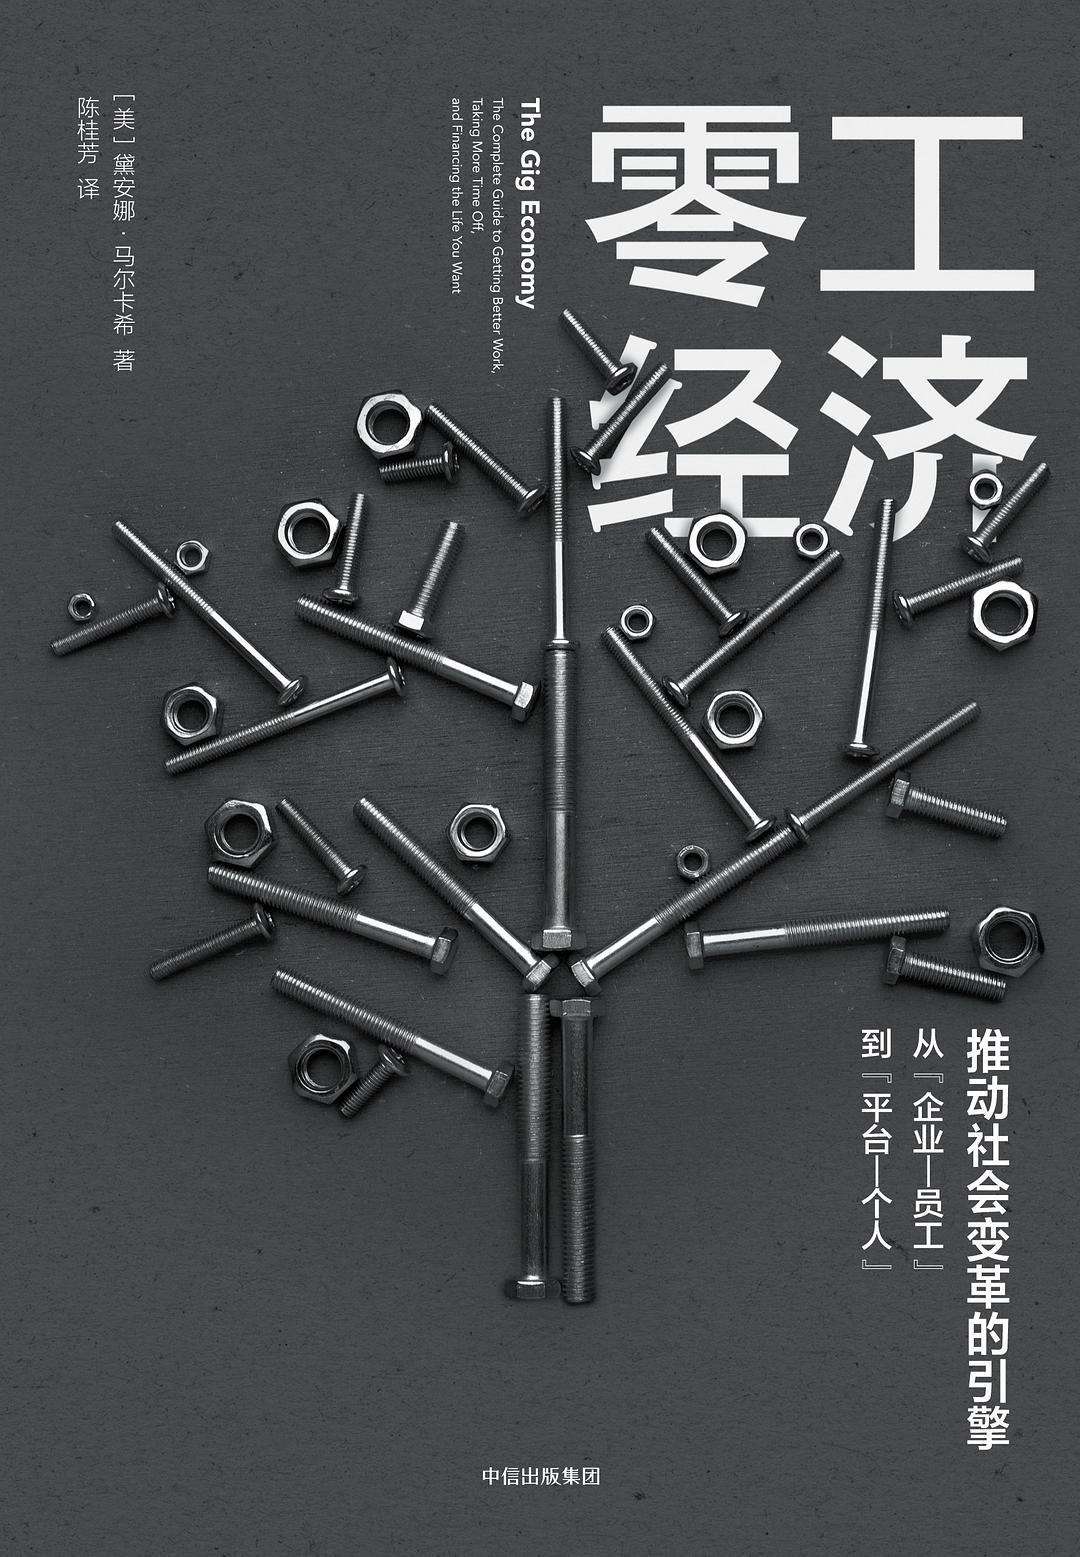 零工经济:推动社会变革的引擎-好书天下